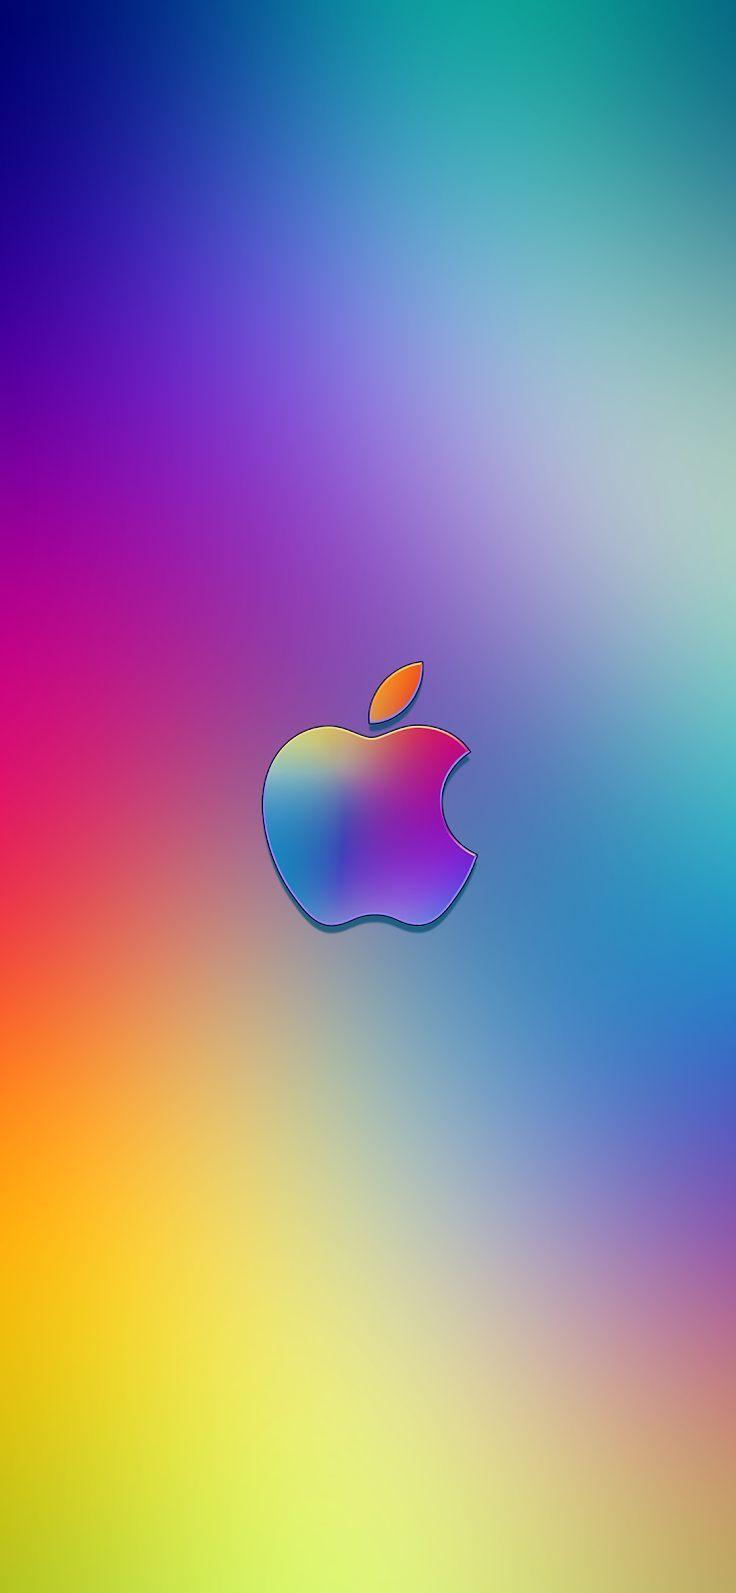 Gradient Apple Logo Iphone X Wallpaper In 2019 Apple